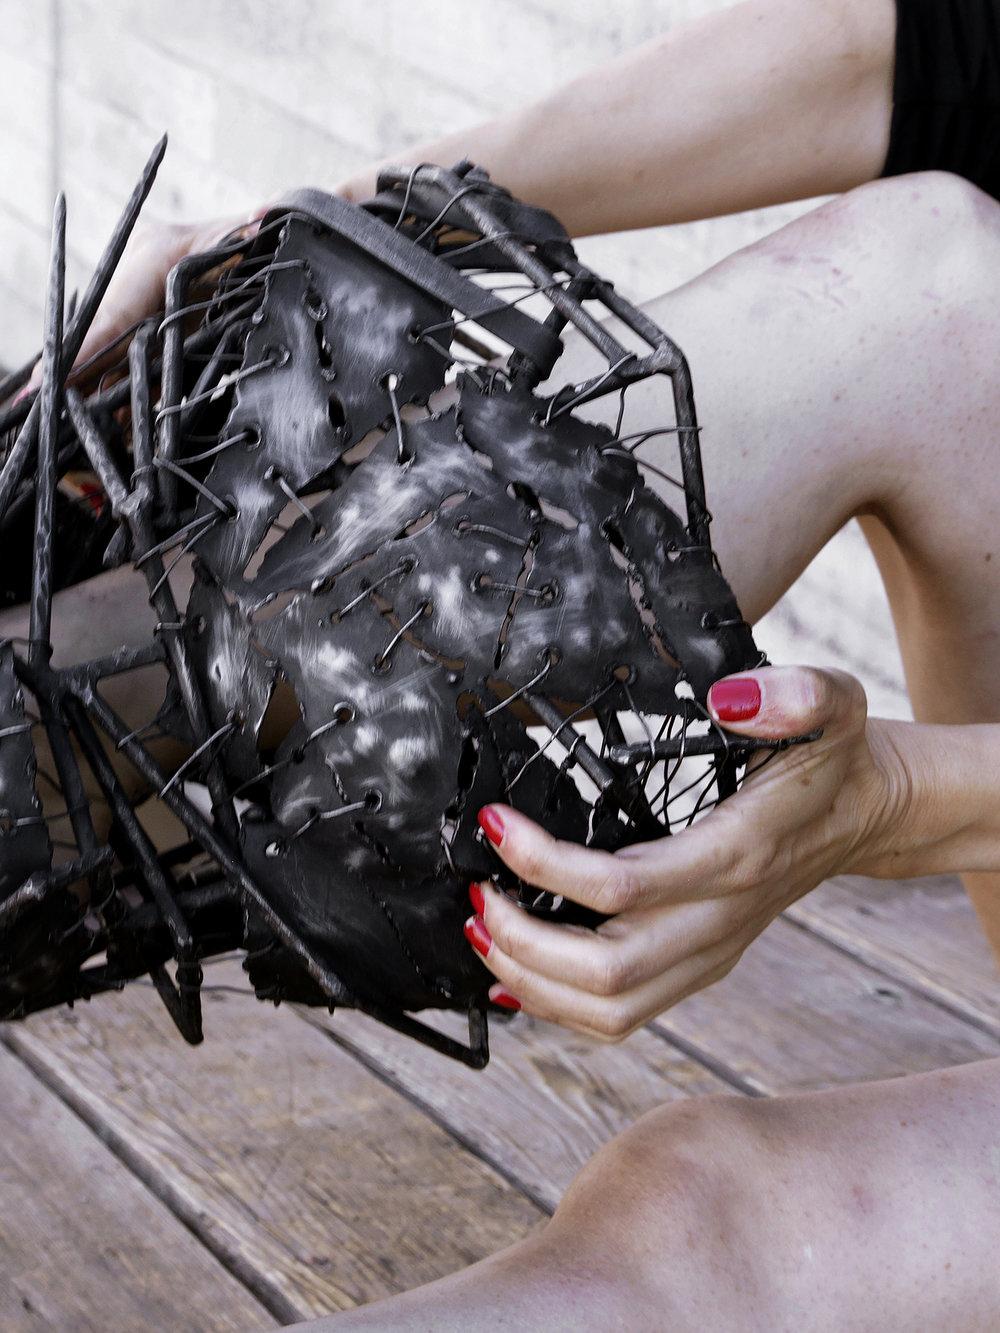 prosthetic2_72dpi.jpg